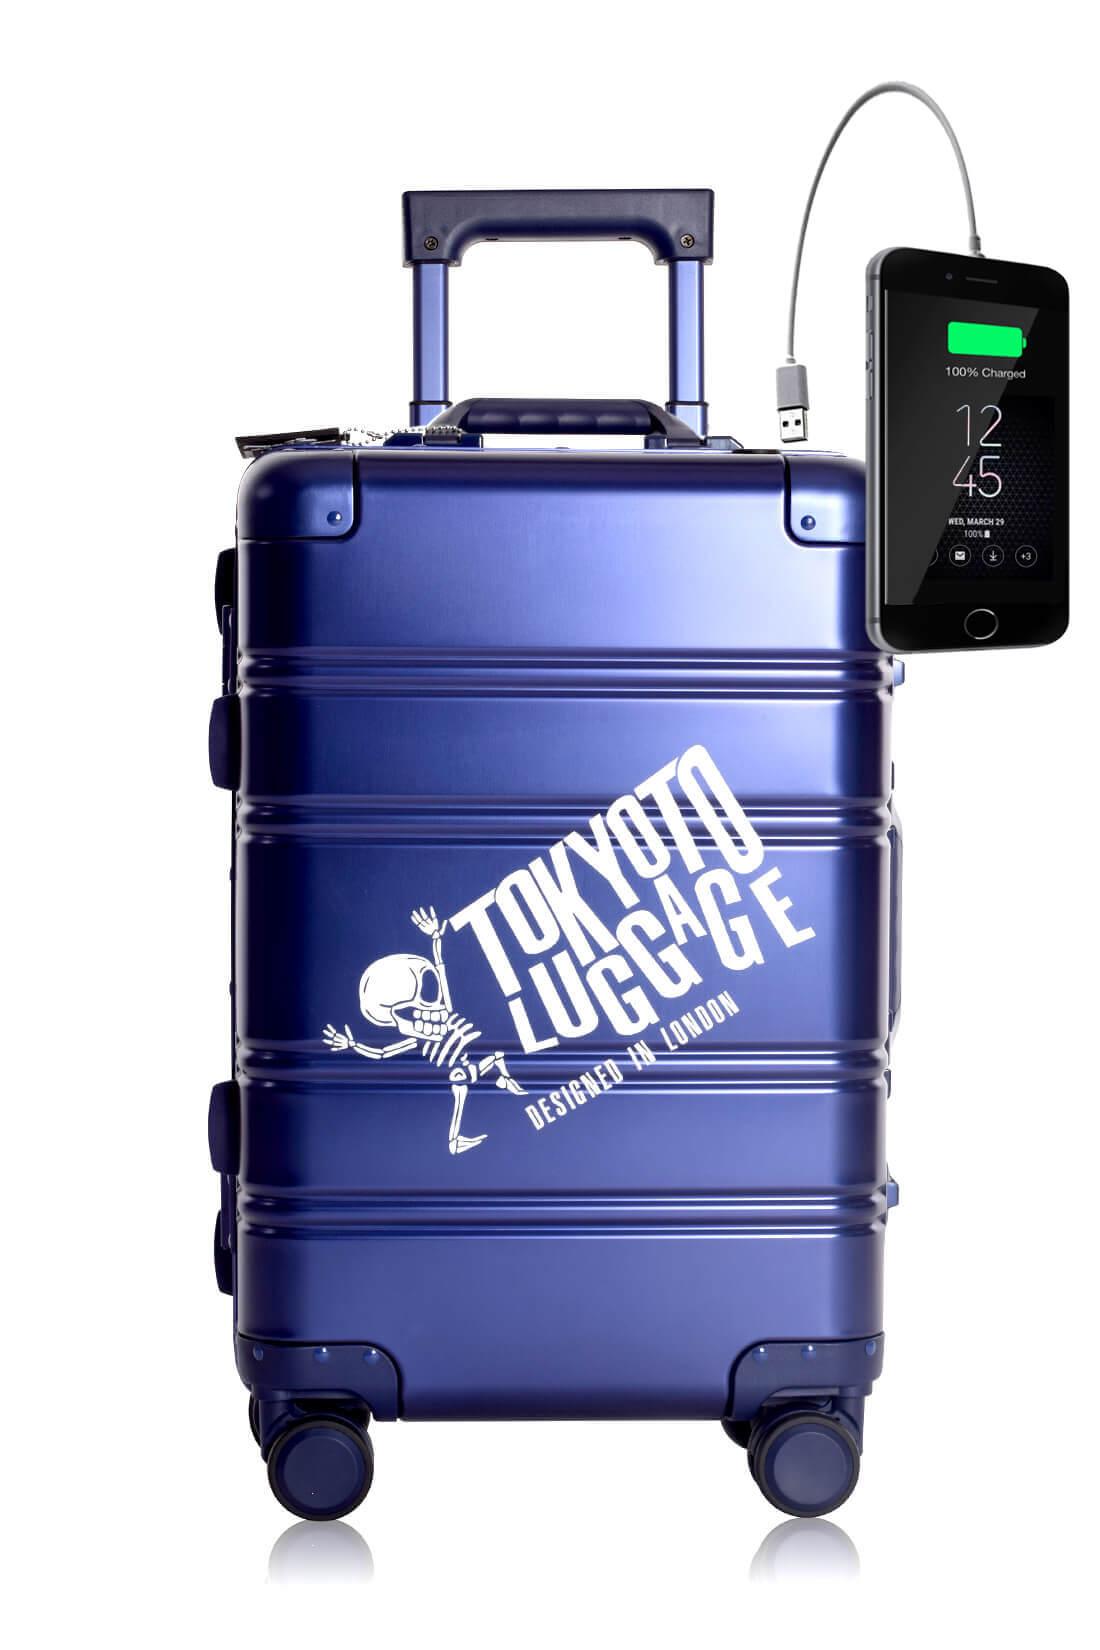 Aluminium Valise Online Cabine Trolley Enfant TOKYOTO LUGGAGE Modelle BLUE LOGO